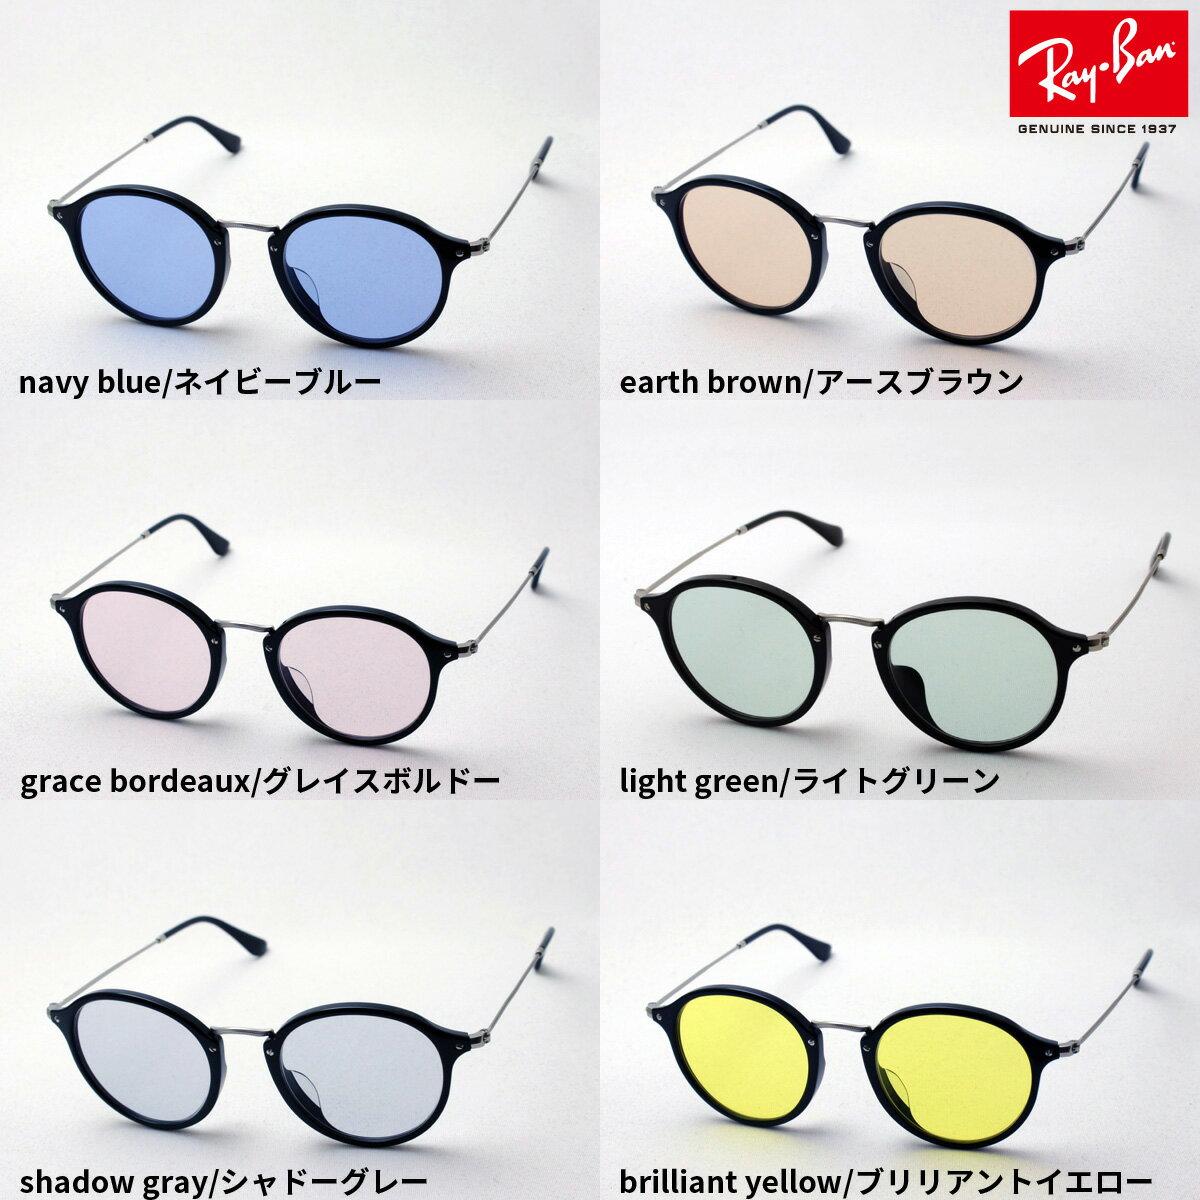 正規レイバン 日本最大級の品揃え レイバン サングラス Ray-Ban RX2447VF 2000 世界最高峰レンズメーカーHOYA製 ライトカラー レディース メンズ カラーレンズサングラス ブルーレンズ メガネ メガネフレーム RayBan light color ボストン